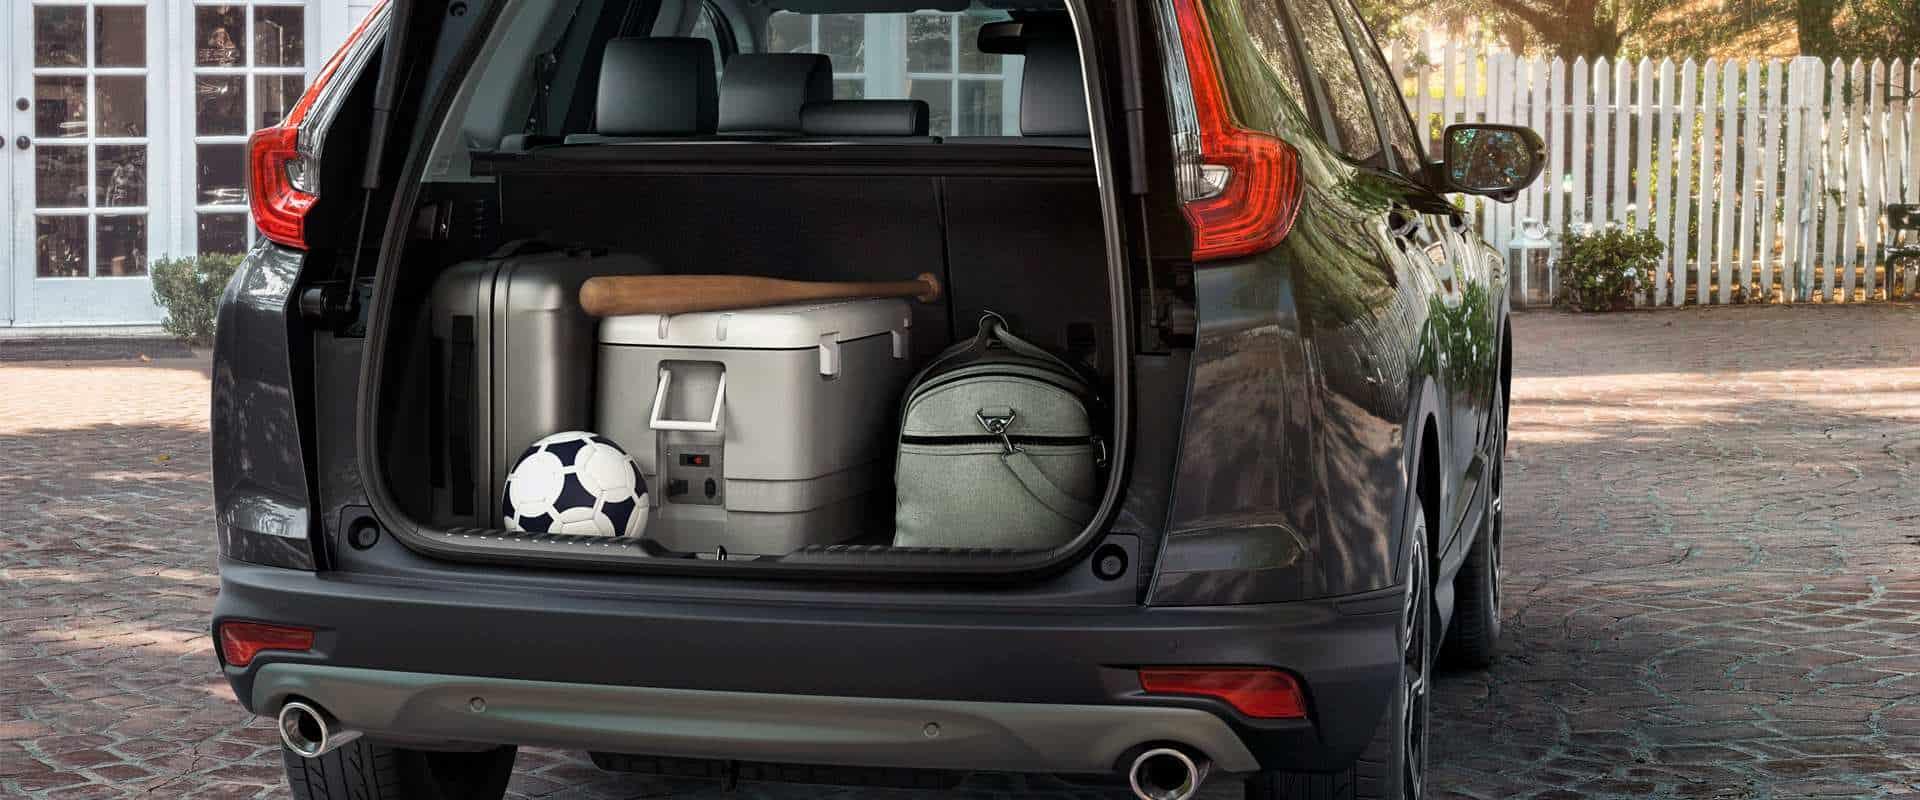 Amplo porta-malas de 522 litros*